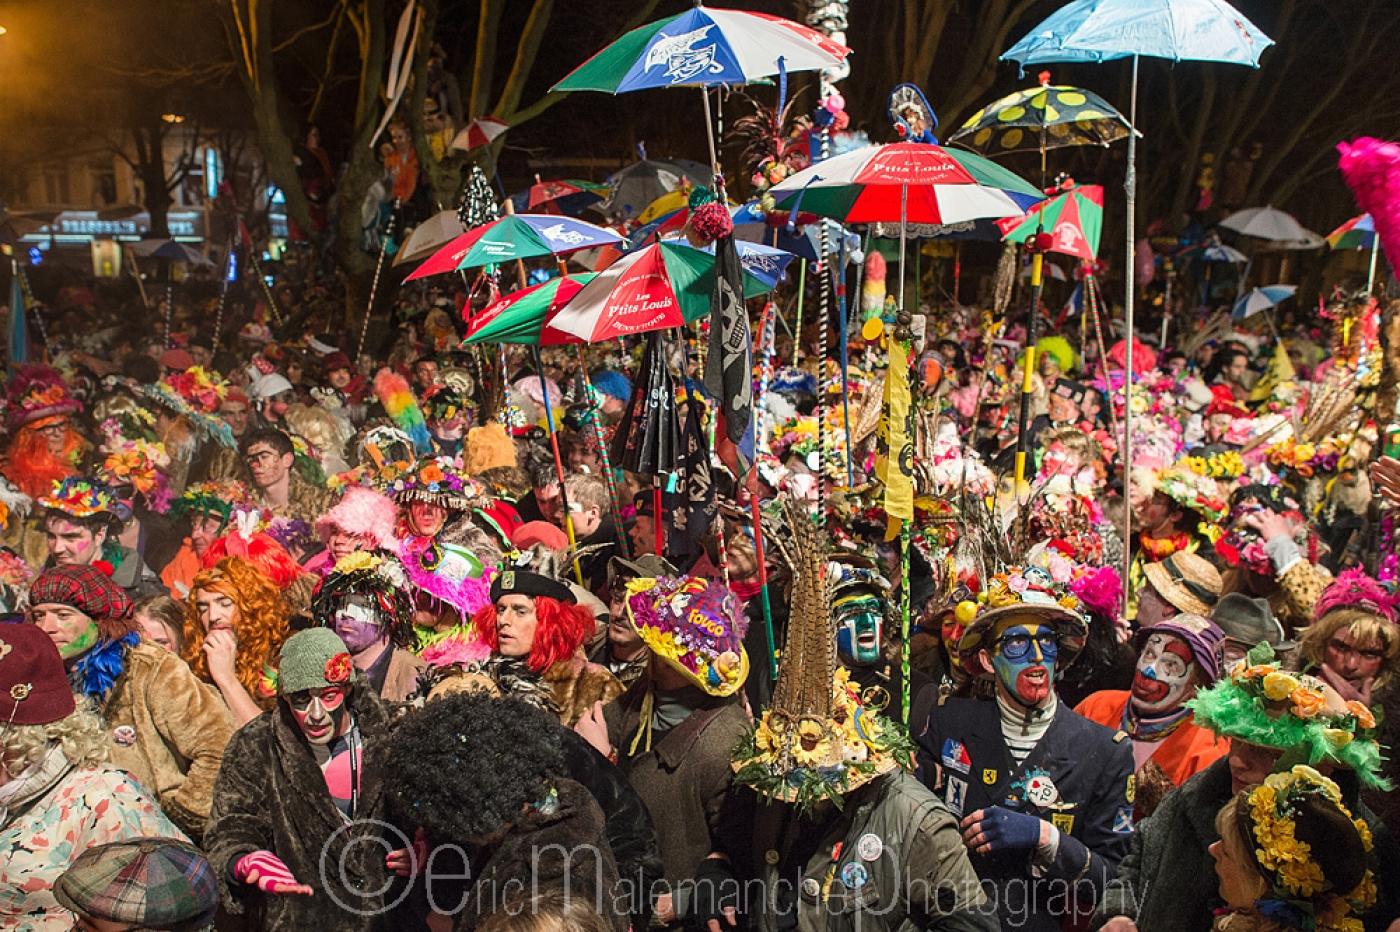 http://www.ericmalemanche.com/imagess/topics/carnaval-de-dunkerque/liste/Carnaval-Dunkerque-6602.jpg